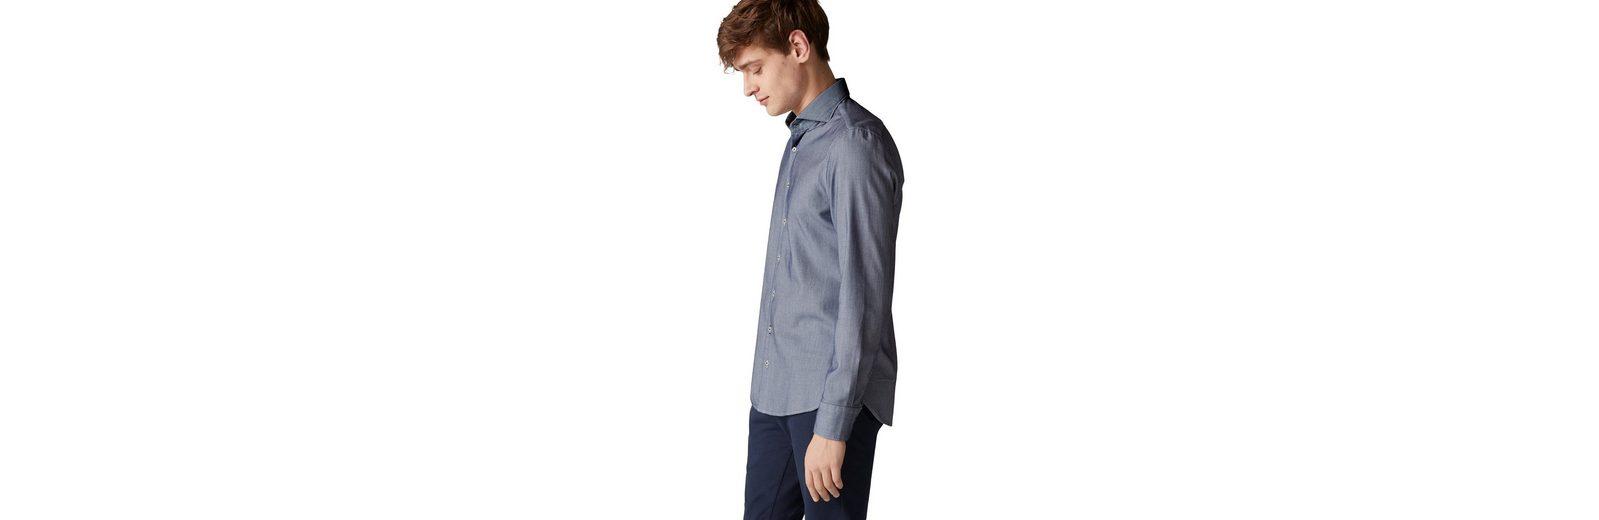 Marc O'Polo Langarmhemd Online Einkaufen Sast Zum Verkauf Freies Verschiffen Hohe Qualität Online-Verkauf Rabatt Zuverlässig YA6Xc3v